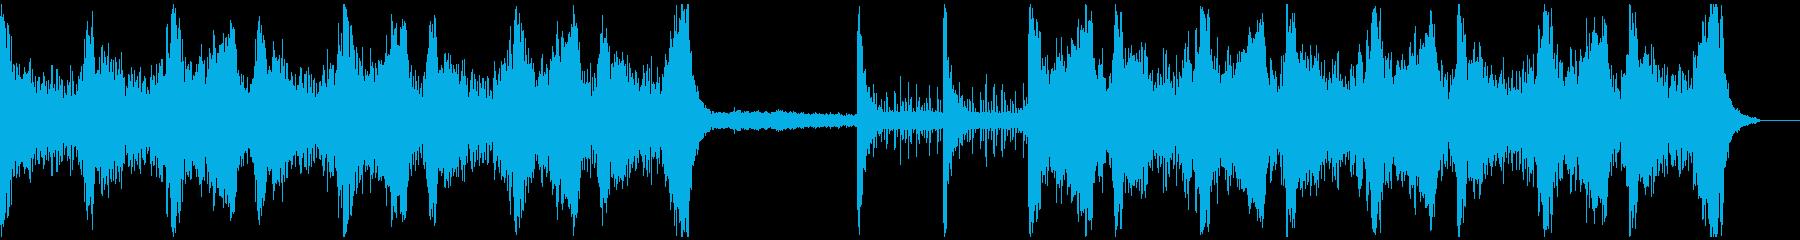 【劇伴】緊迫・ハリウッド・映画の再生済みの波形